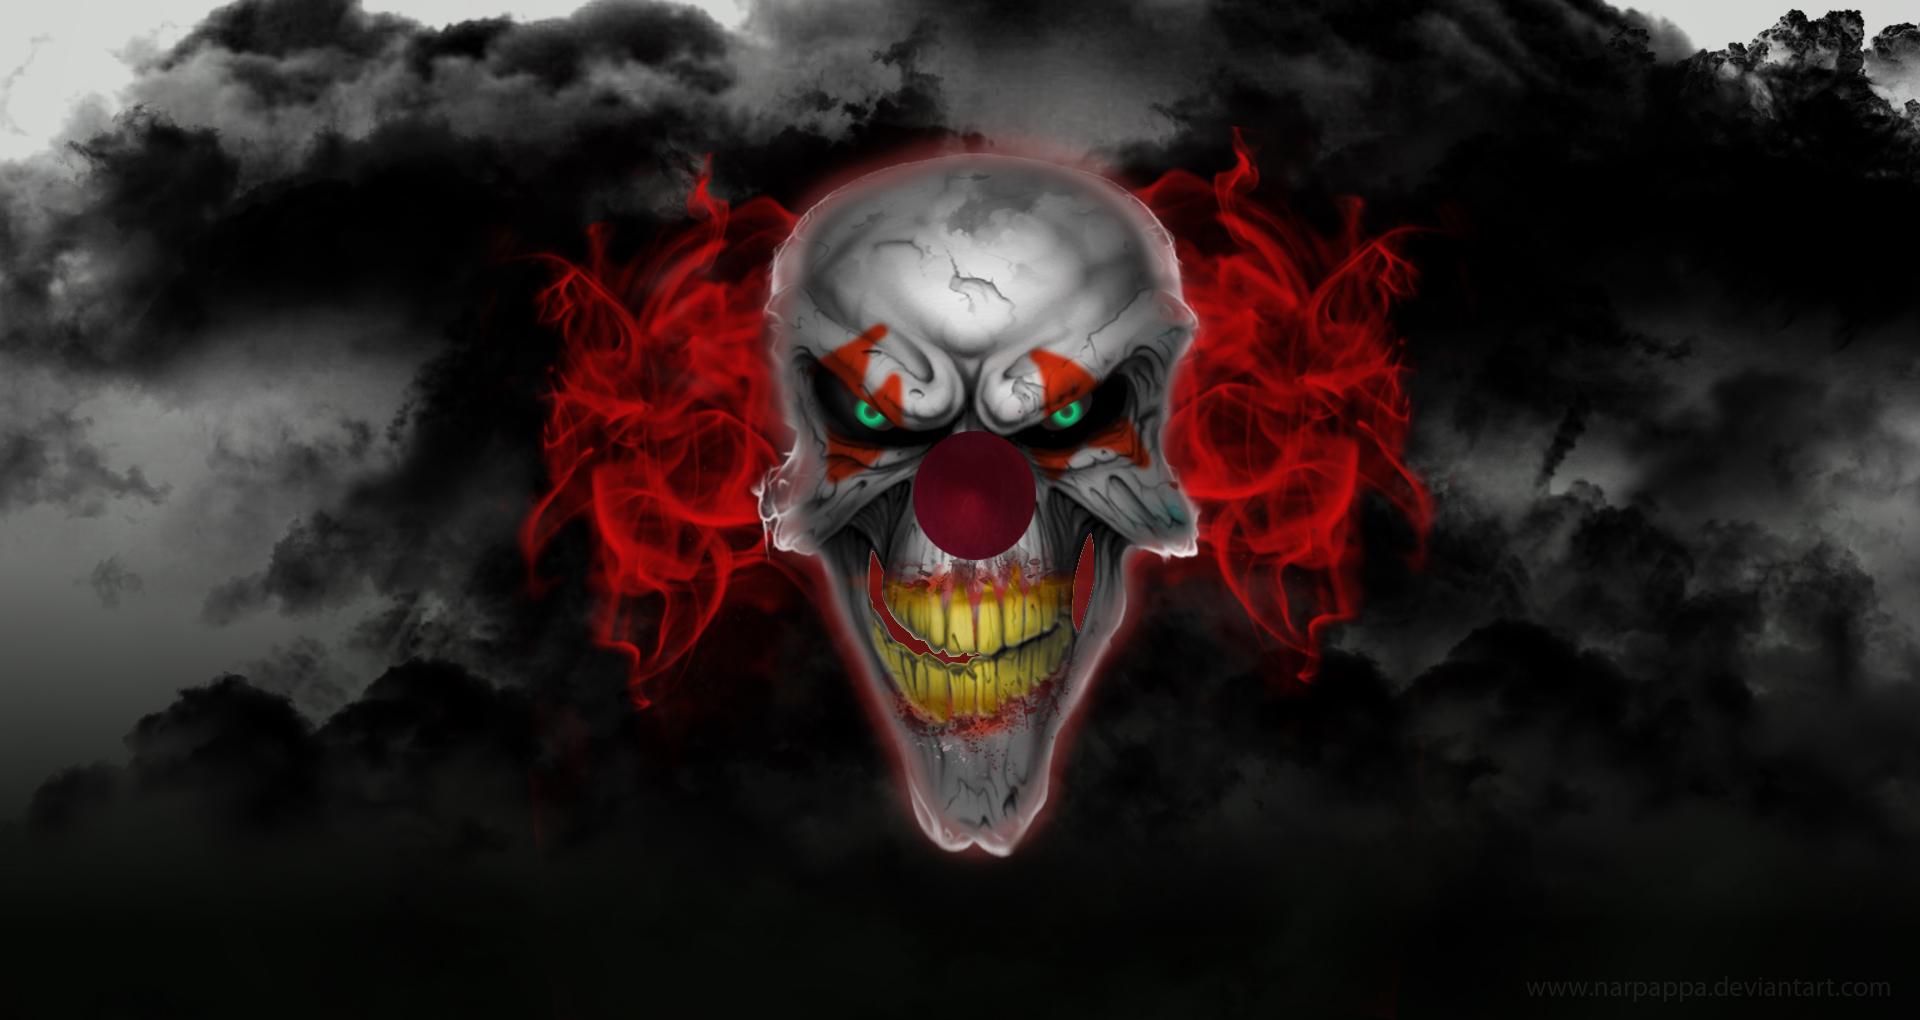 Scary Clown Wallpapers Desktop